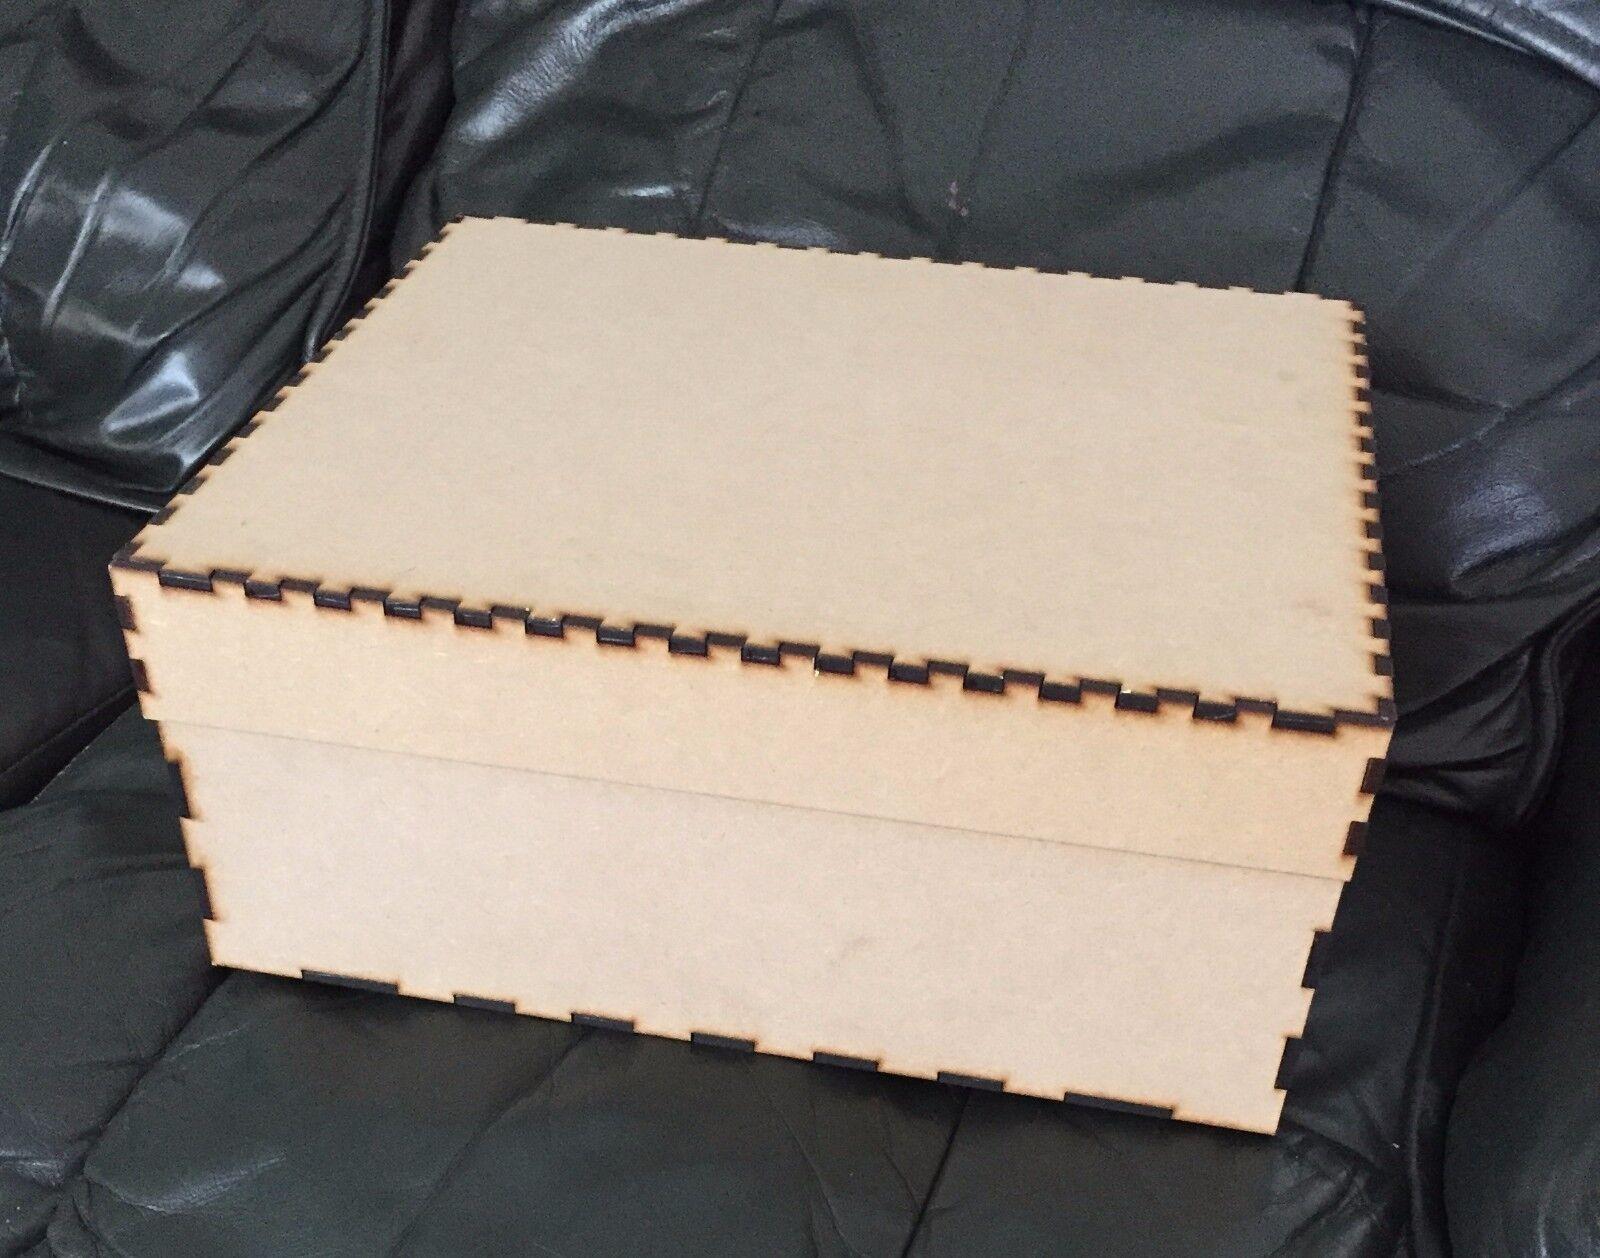 Vigilia DI NATALE BOX IN MDF 300x 300 x 100mm Multi Listing